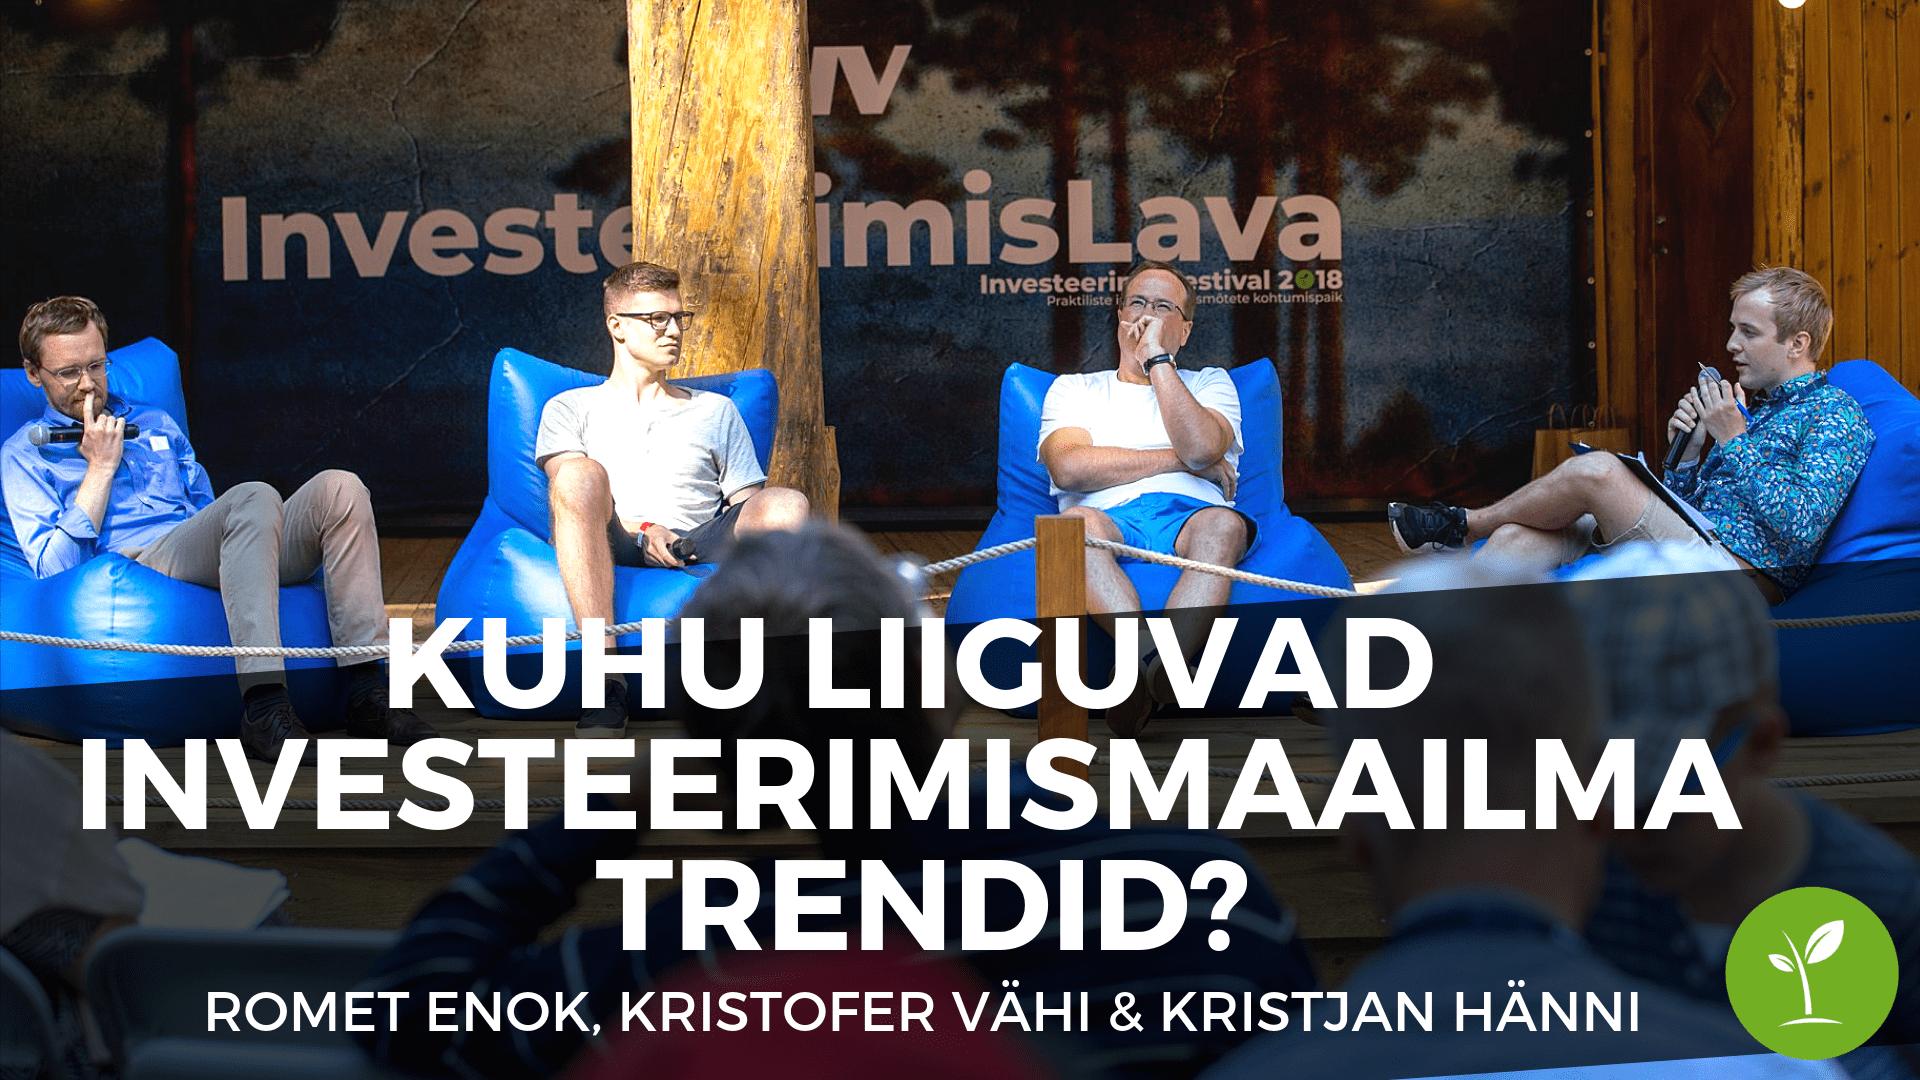 Paneel Kristjan Hänni & Romet Enok & Kristofer Vähi – Kuhu liiguvad investeerimismaailma trendid?